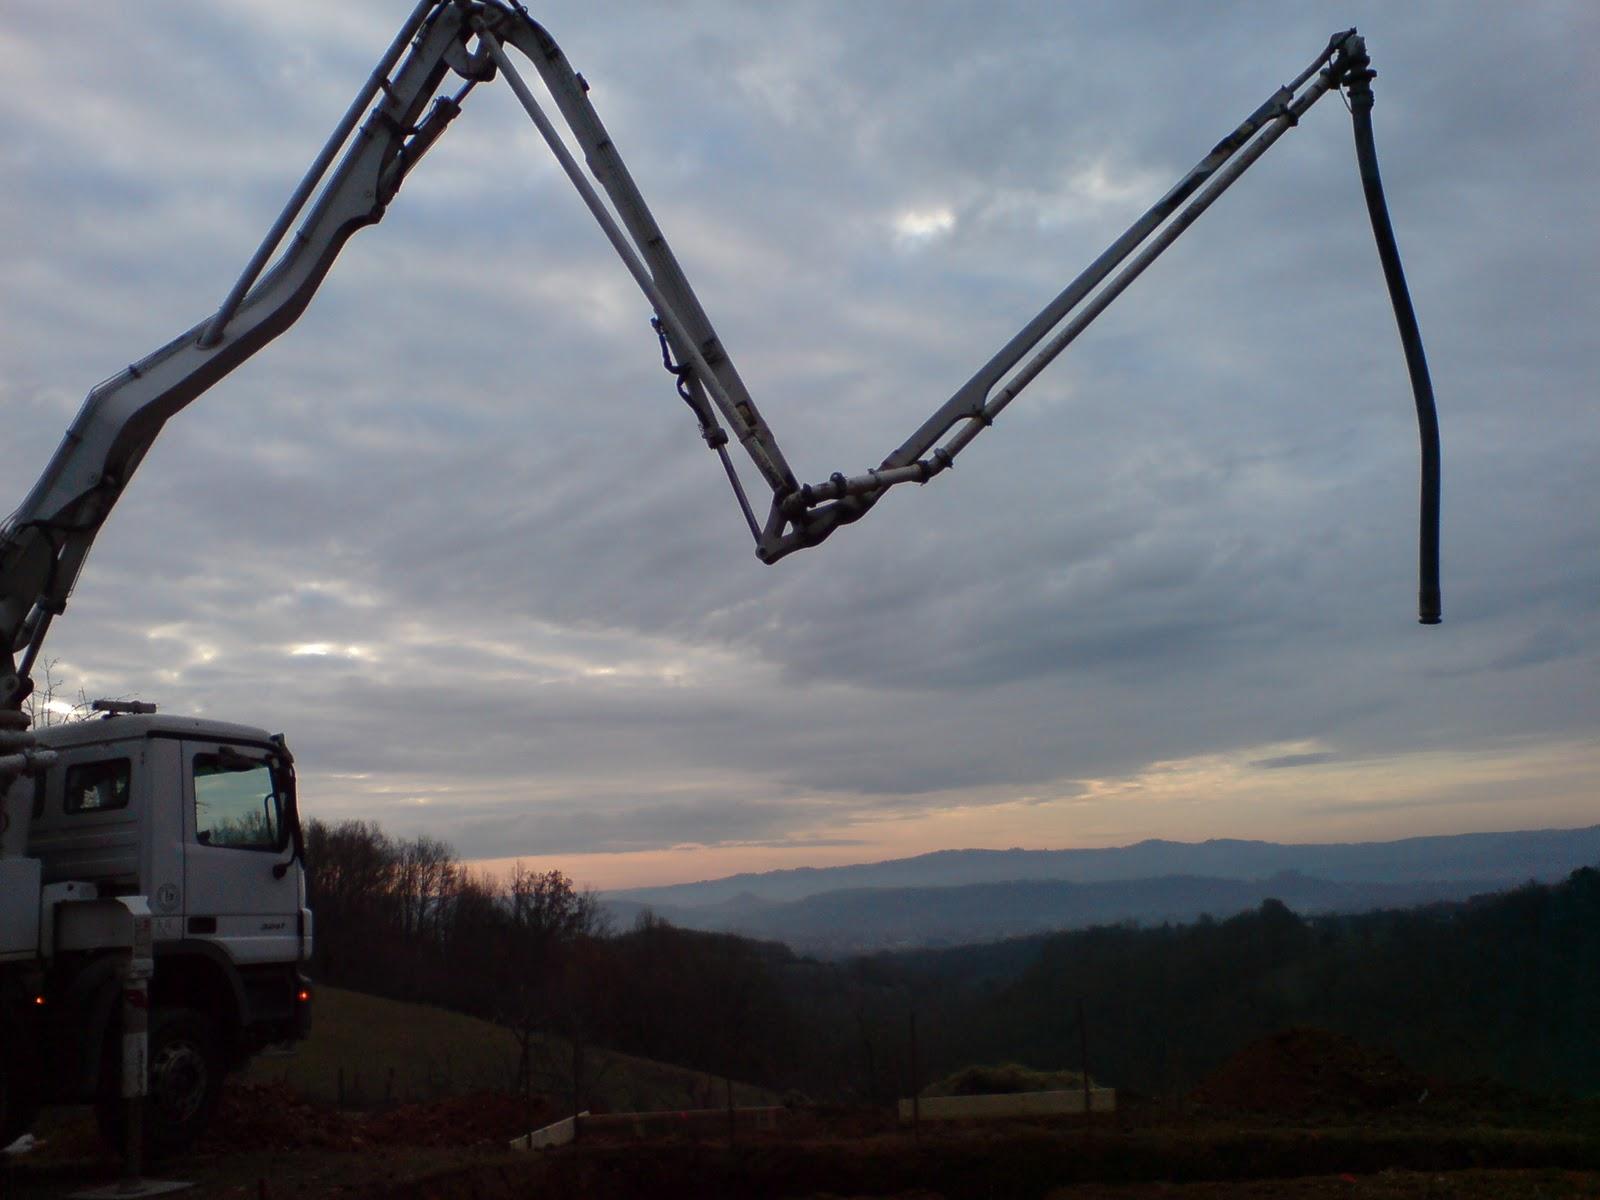 Eco projet en corr ze les fondations coulage de la semelle - Prix m3 beton fait main ...